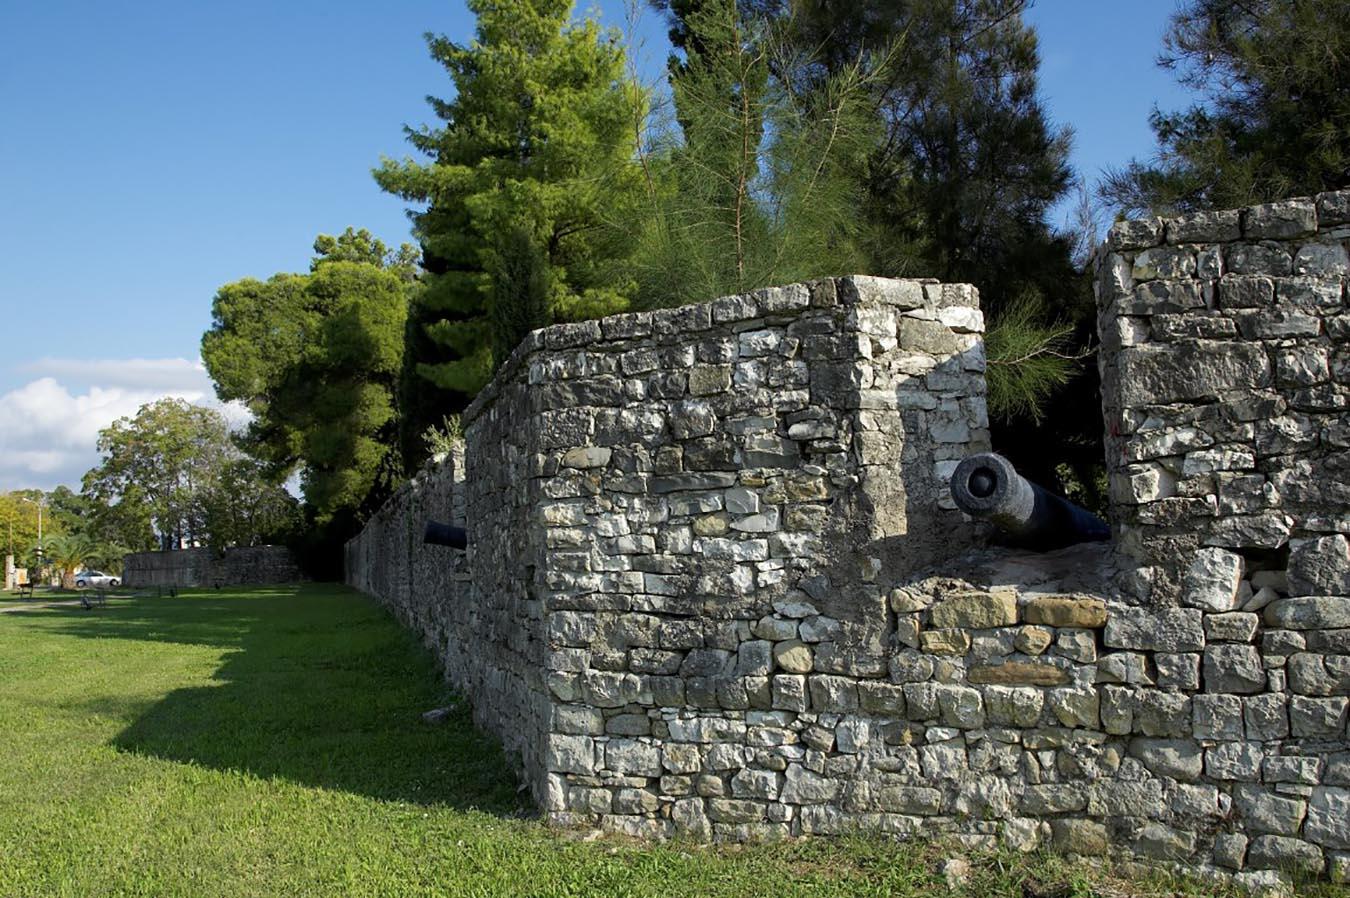 Mεσολόγγι: Εγκρίθηκε η μελέτη για το Τείχος του Κήπου των Ηρώων